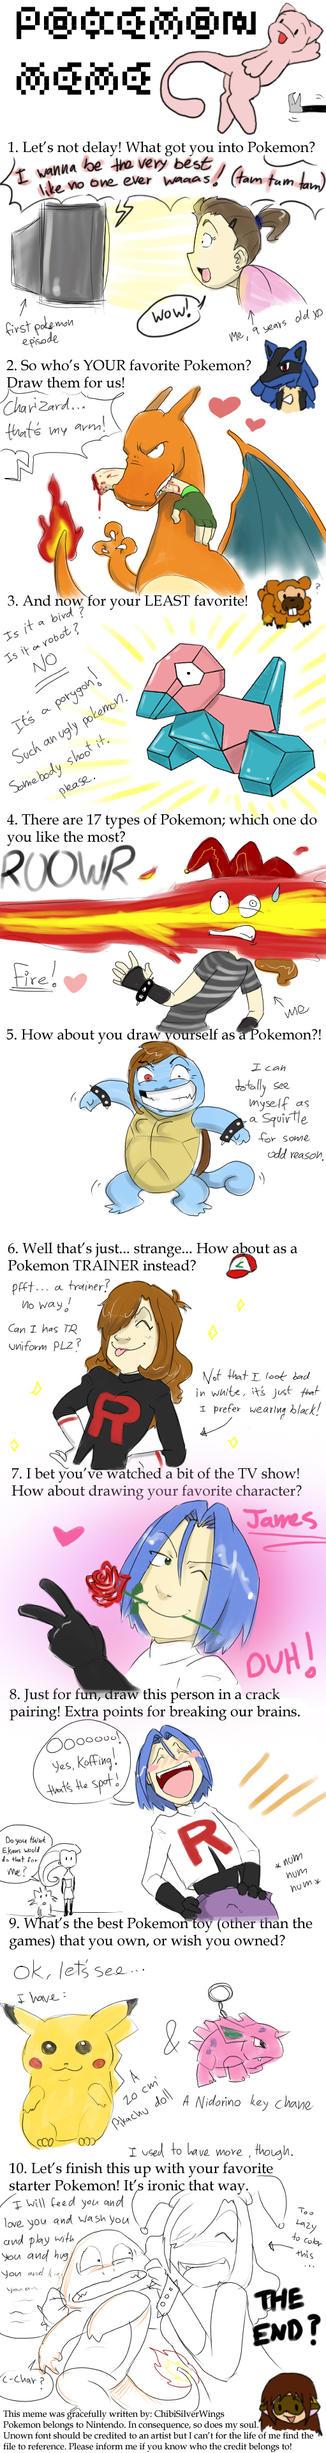 pokemon meme by gilll